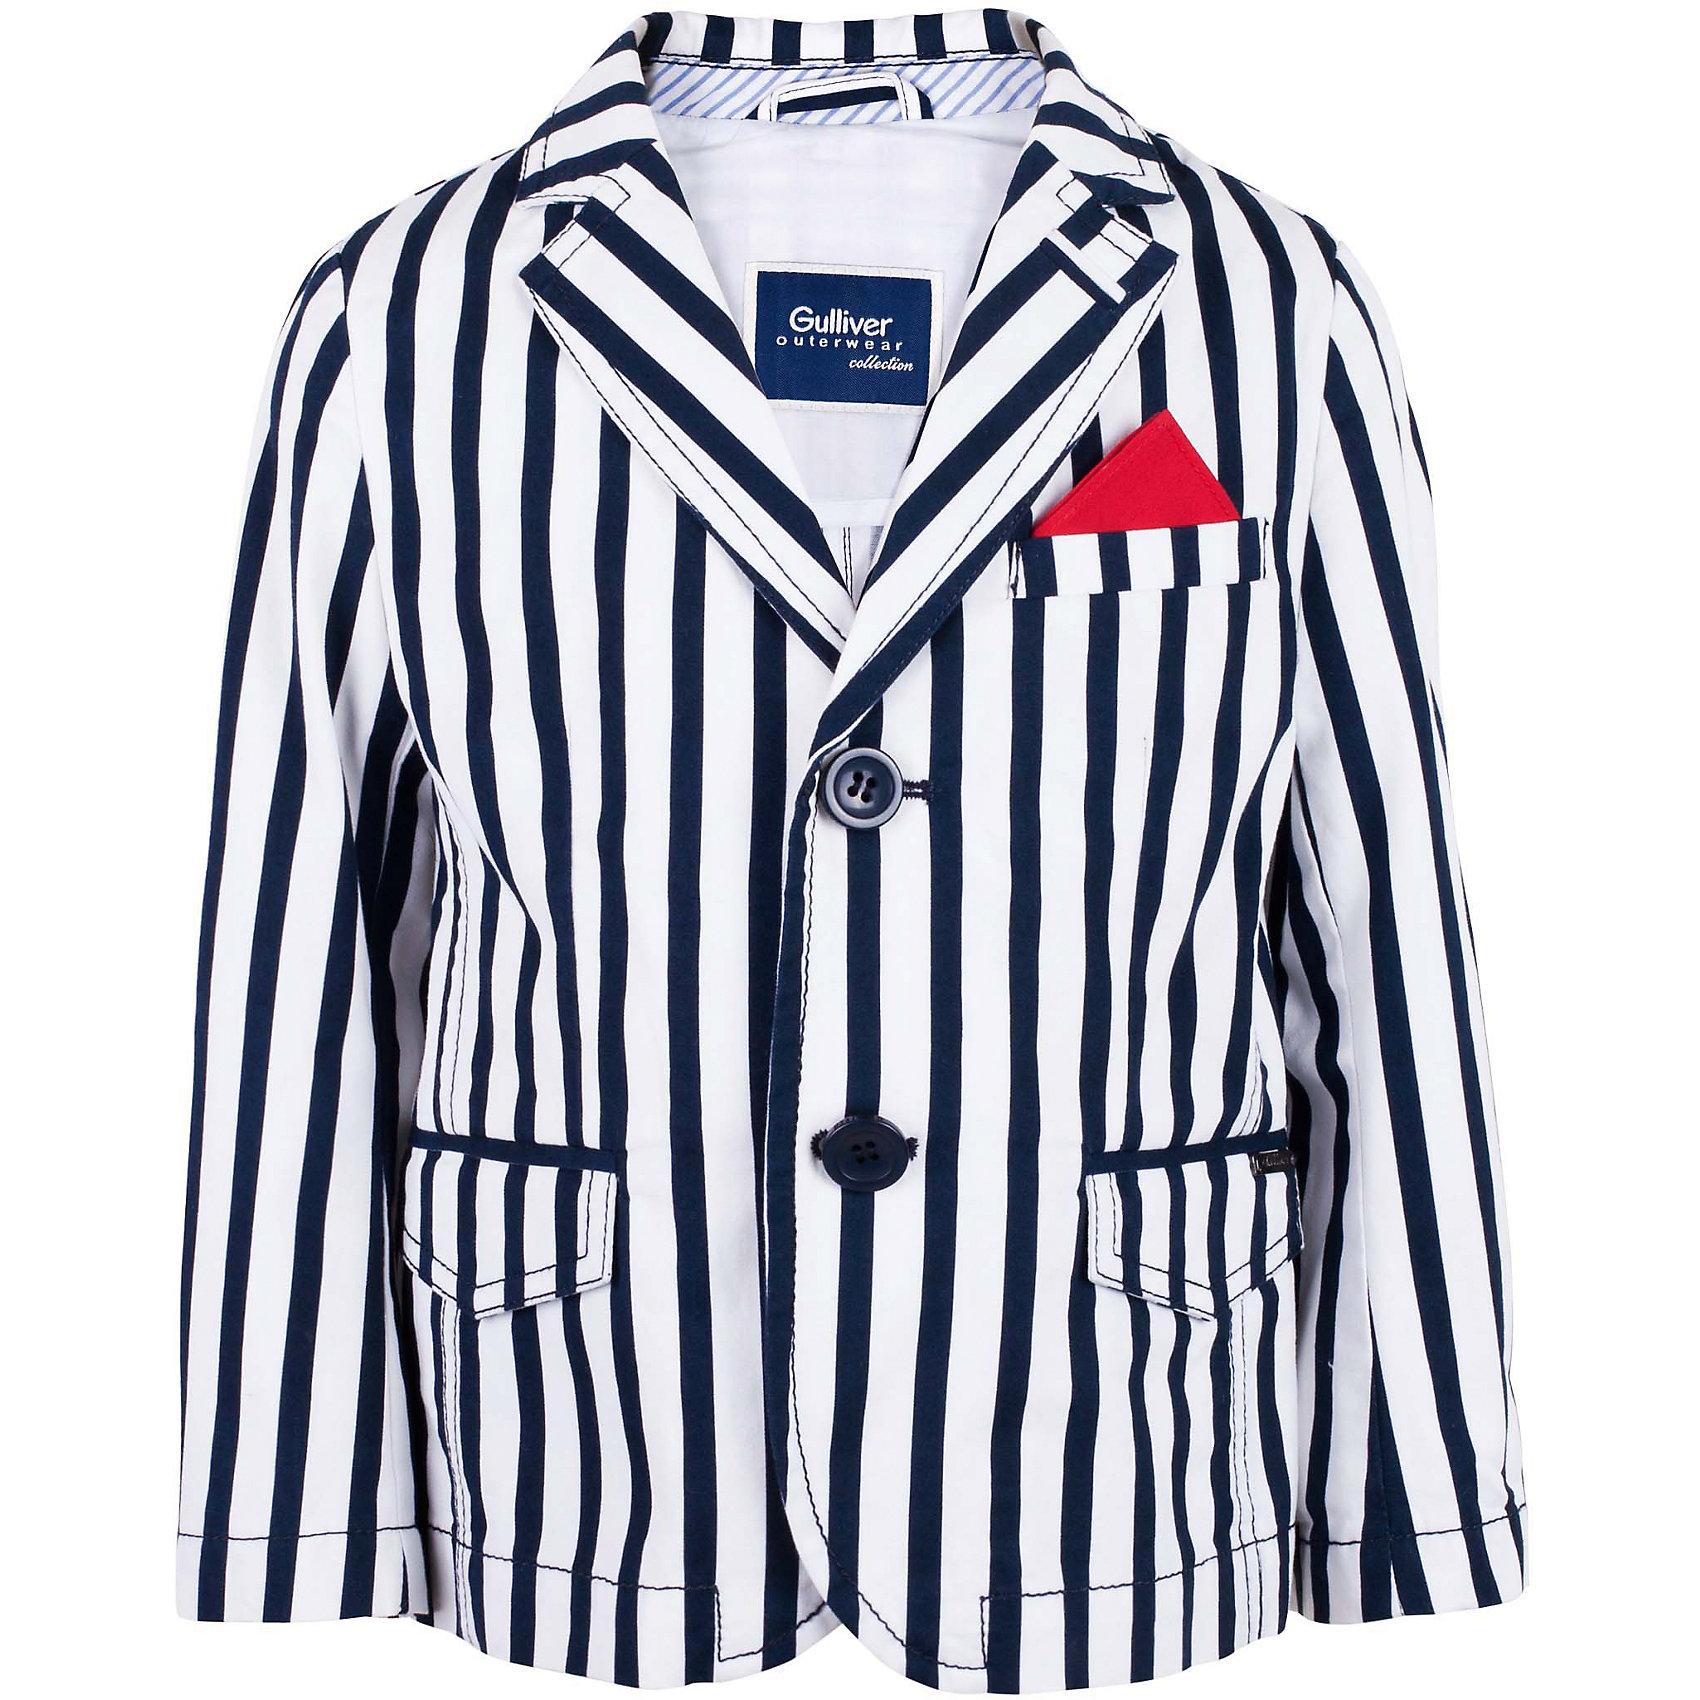 Пиджак для мальчика GulliverЭтот пиджак - настоящий шедевр! Яркий, стильный, необычный, полосатый детский пиджак - основной акцент летнего гардероба! Он идеально дополнит джинсы, шорты, брюки, придав образу особый шик и элегантность. Несмотря на очевидную экстравагантность, спектр использования этого пиджака весьма широк. И на светском мероприятии, и на городской прогулке к юному моднику будут прикованы восхищенные взгляды. Если вы решили обновить весенне-летний гардероб мальчика, сделав его модным, свежим, интересным, без классного пиджака вам не обойтись. Купить детский пиджак в полоску от Gulliver, значит, подарить ребенку особый стиль, новизну образа, индивидуальность!<br>Состав:<br>100% хлопок<br><br>Ширина мм: 247<br>Глубина мм: 16<br>Высота мм: 140<br>Вес г: 225<br>Цвет: синий<br>Возраст от месяцев: 24<br>Возраст до месяцев: 36<br>Пол: Мужской<br>Возраст: Детский<br>Размер: 98,104,110,116<br>SKU: 5483922